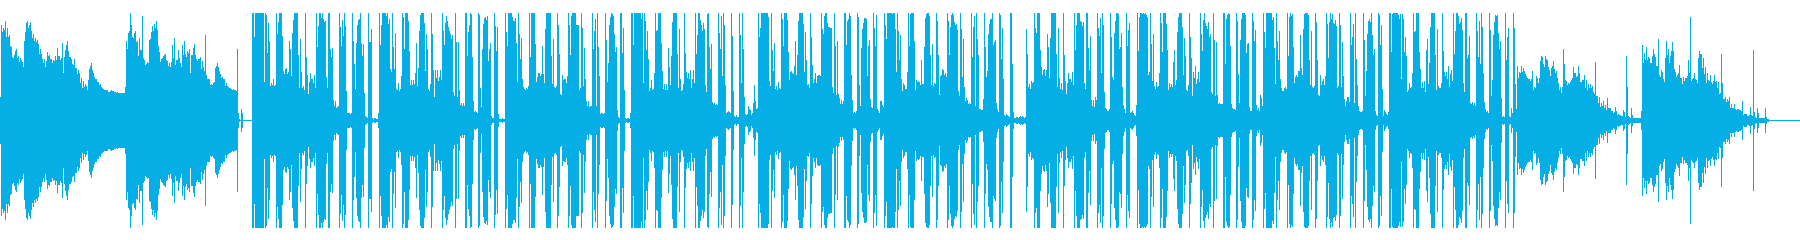 静かで幻想的なチル・ヒップホップの再生済みの波形